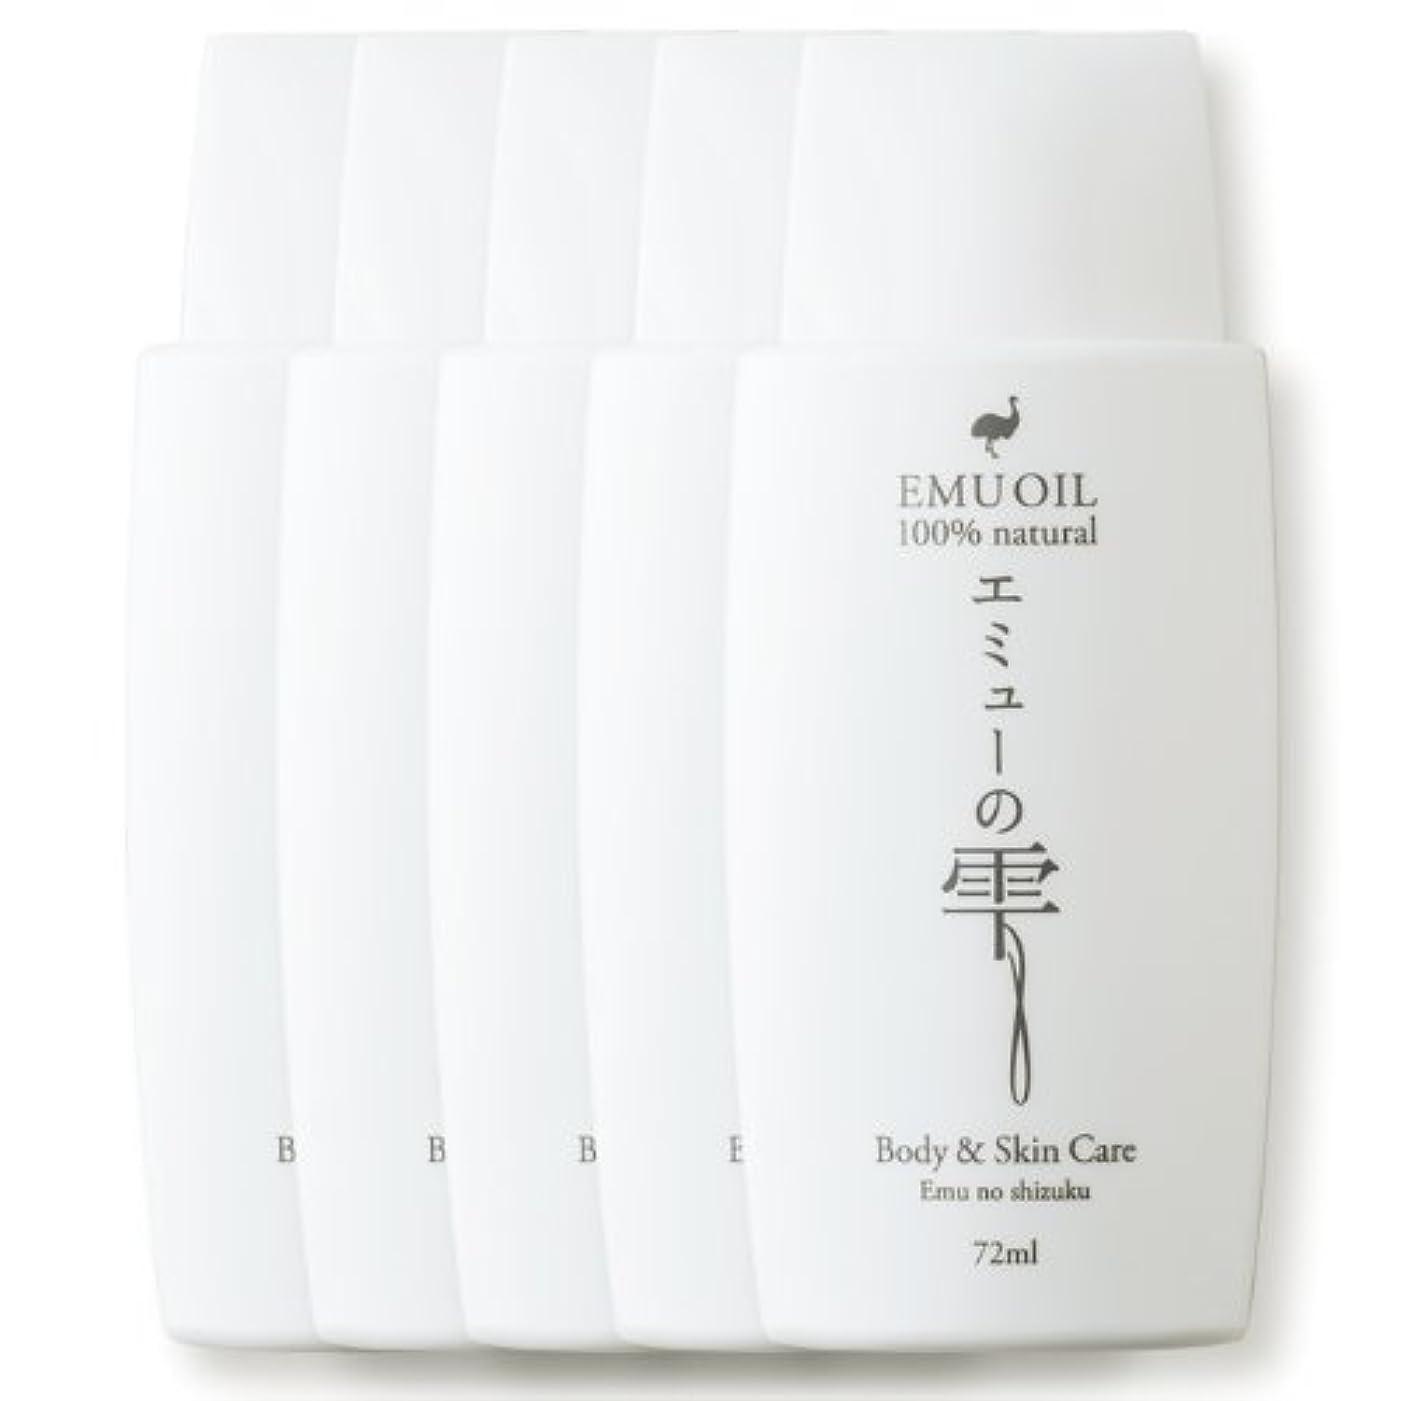 ブラウスビーム心からエミューの雫 72ml 【無添加100%、高品質エミューオイル(エミュー油)】 (5本セット)